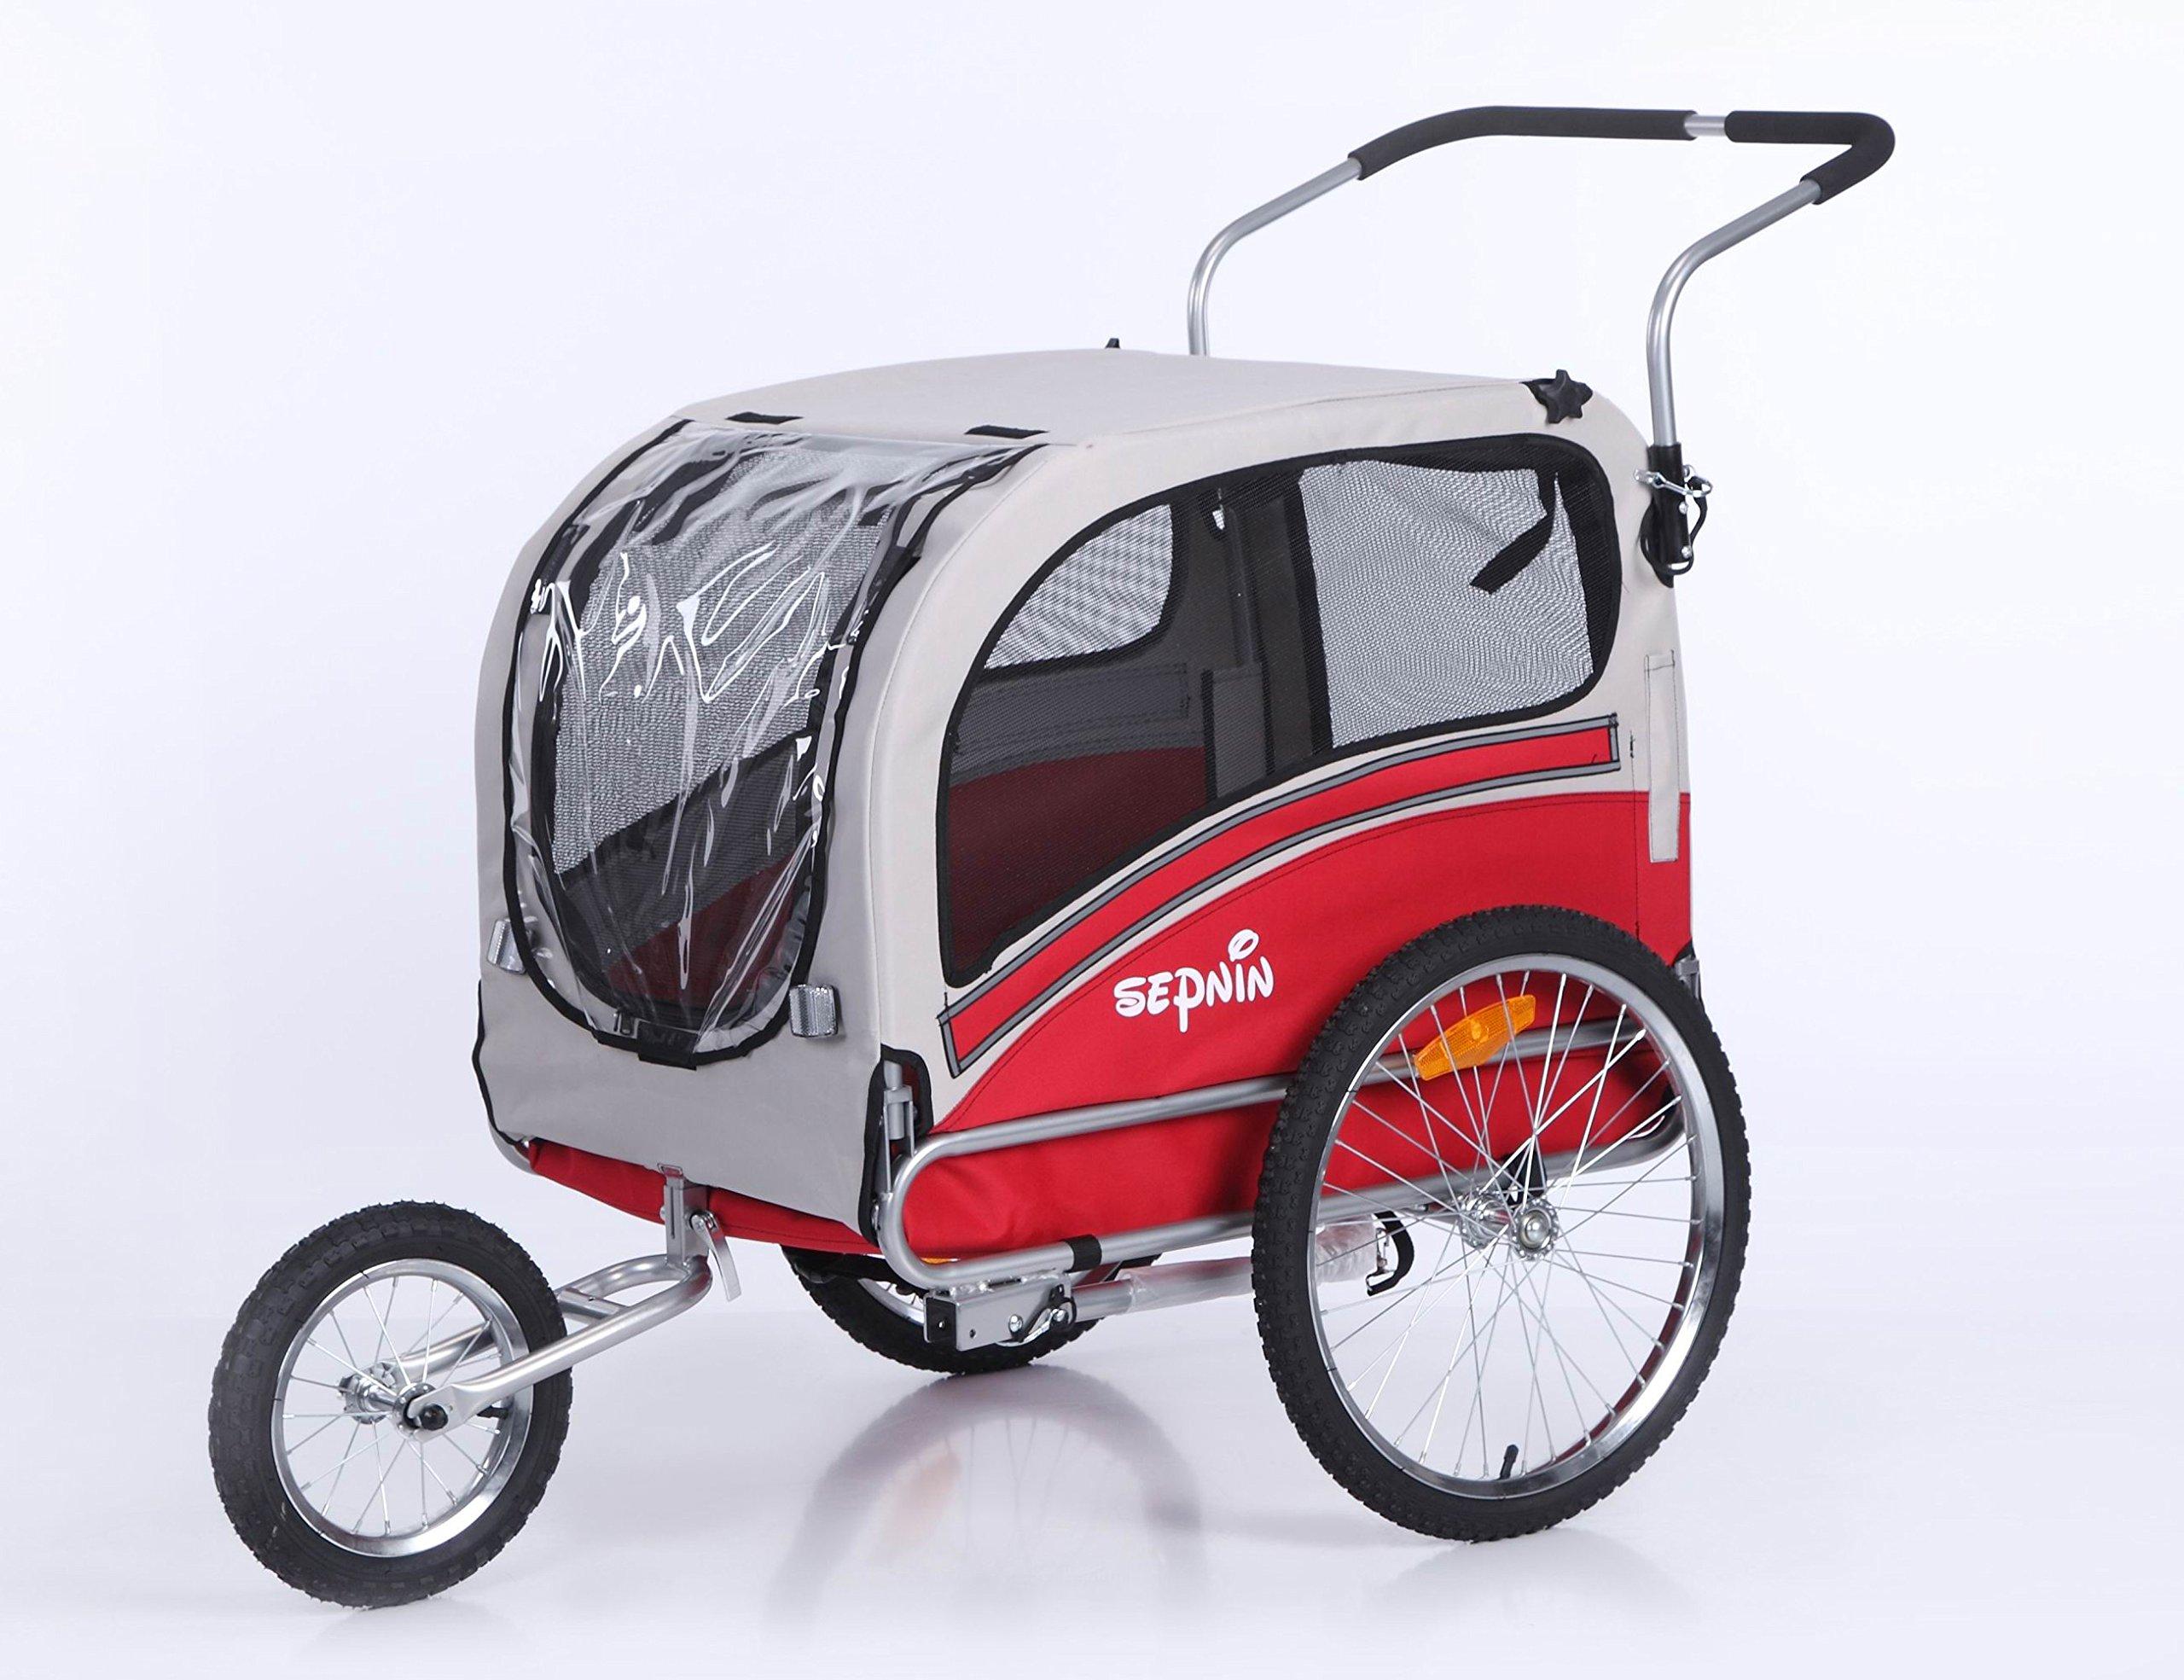 Sepnine Pet Dog Bike Trailer, Red/Grey